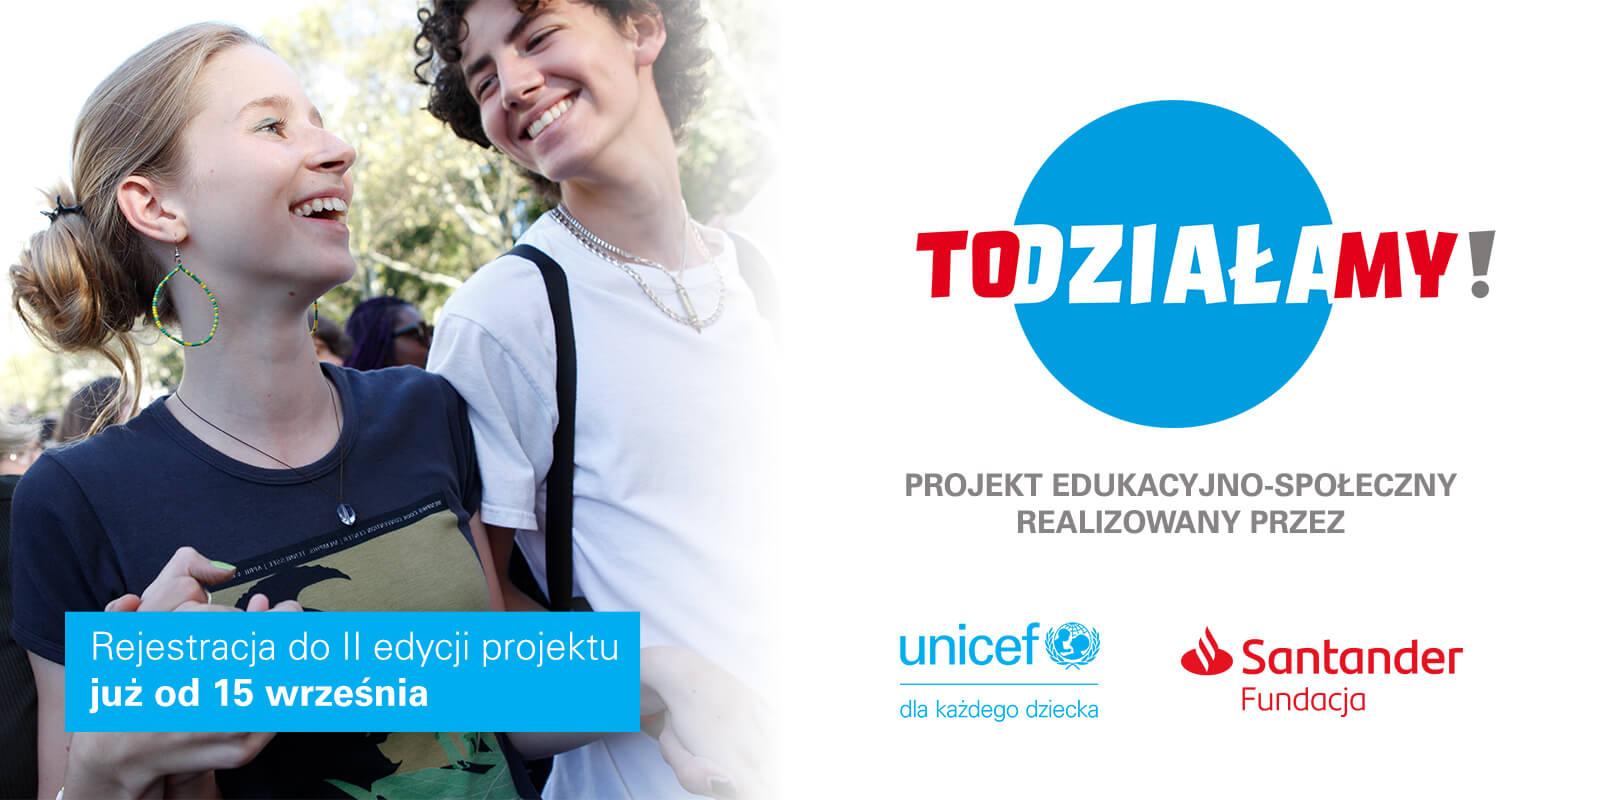 UNICEF Polska + Santander Fundacja - TO(DZIAŁA)MY!